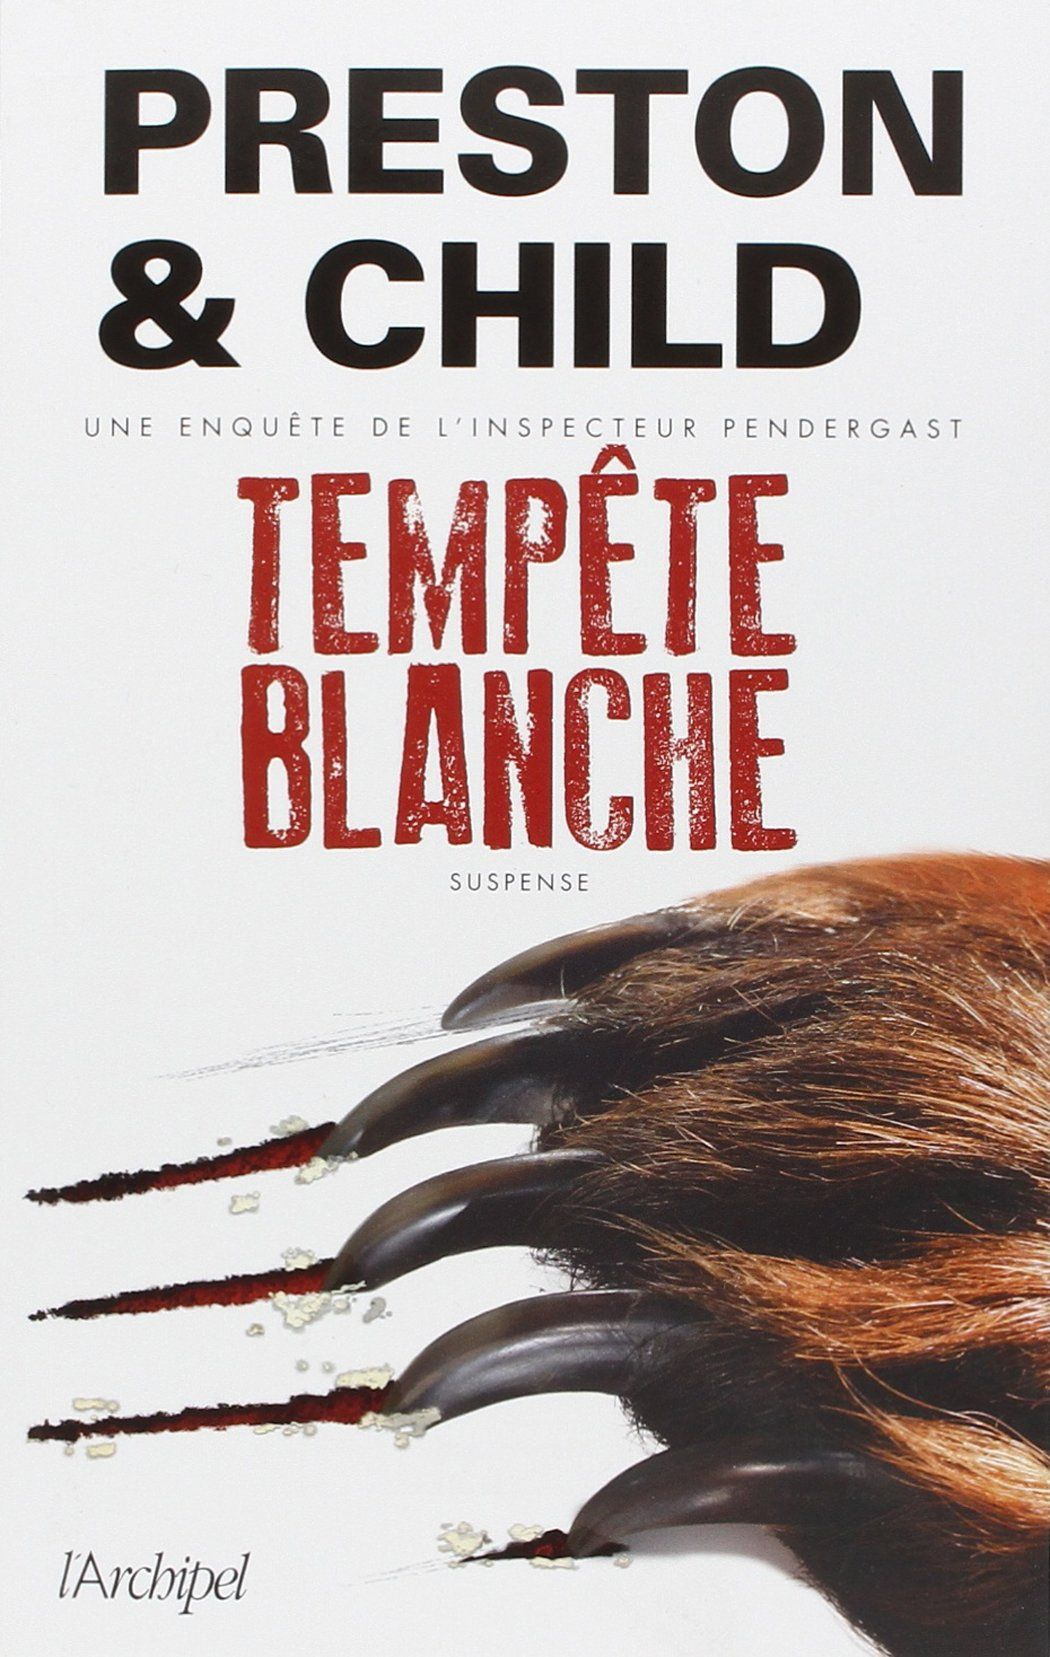 Ma chronique de 'Tempete blanche' de Preston & Child